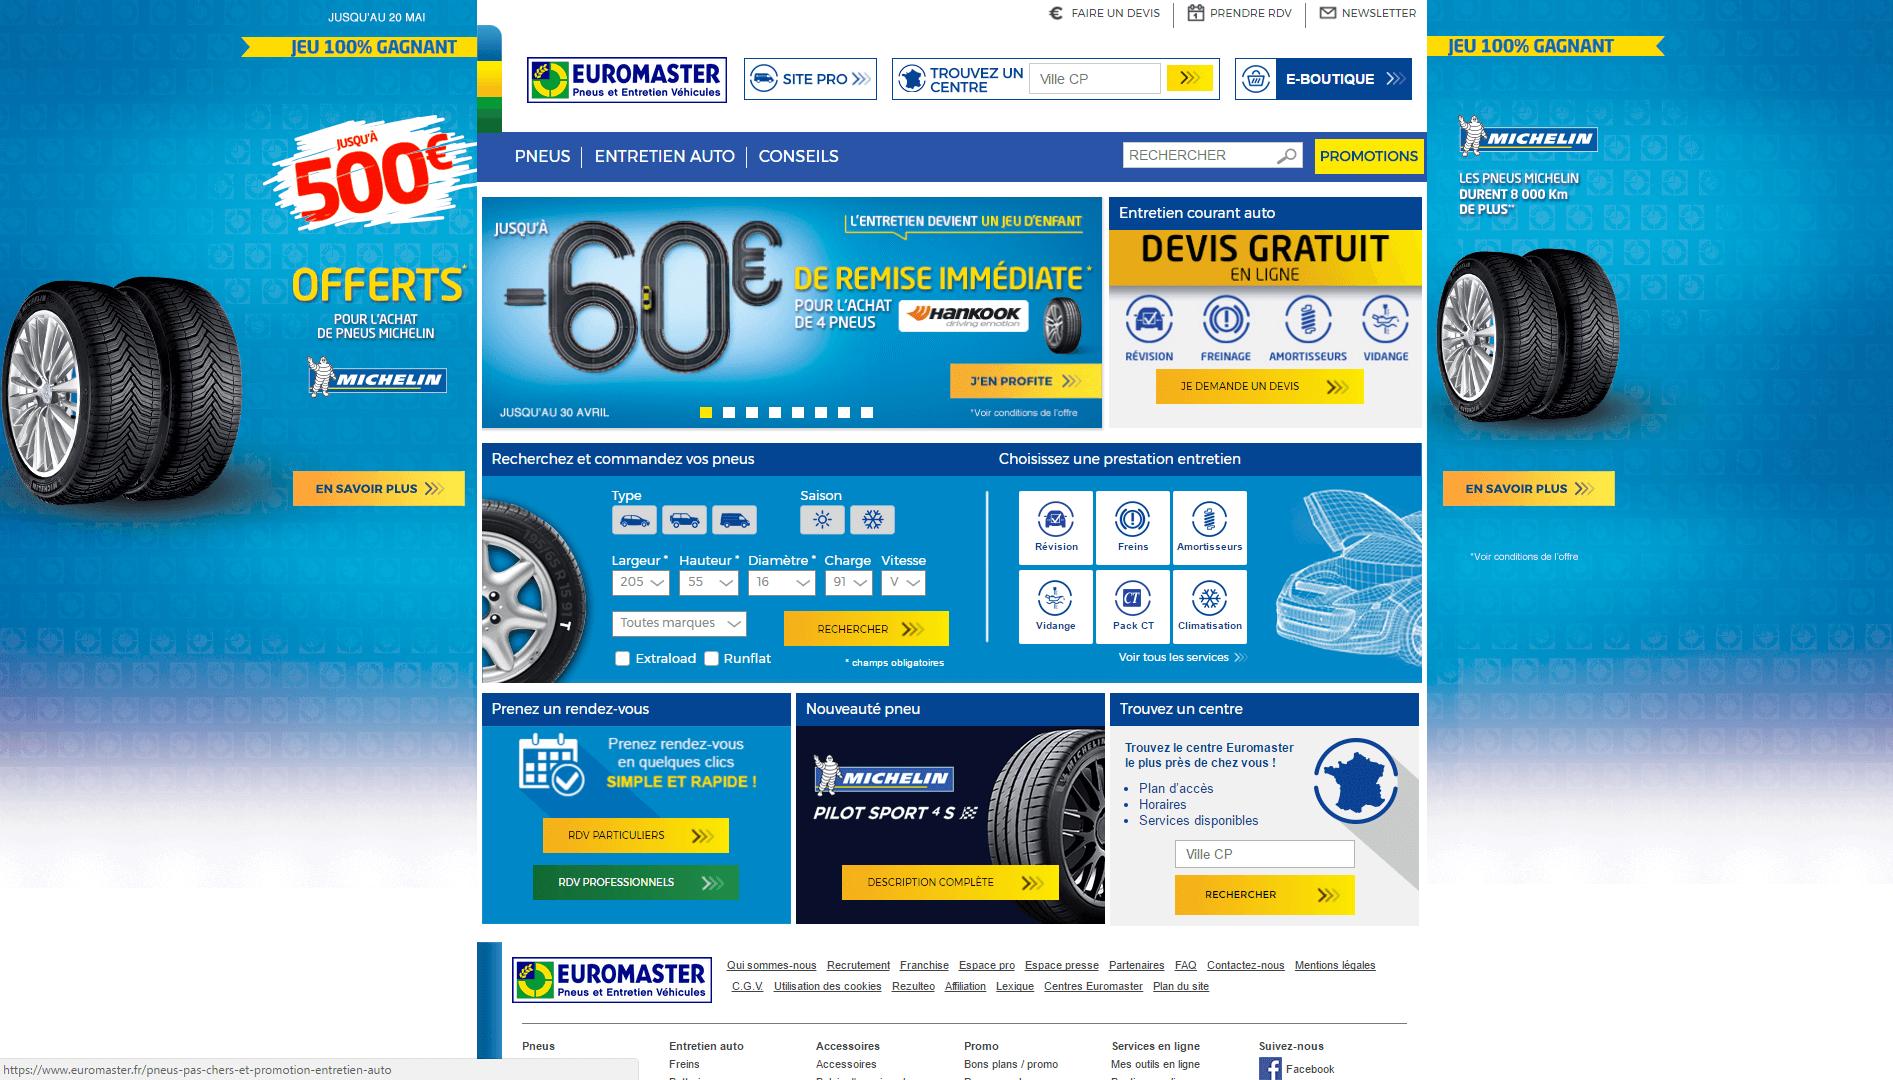 Page d'accueil du site Euromaster.